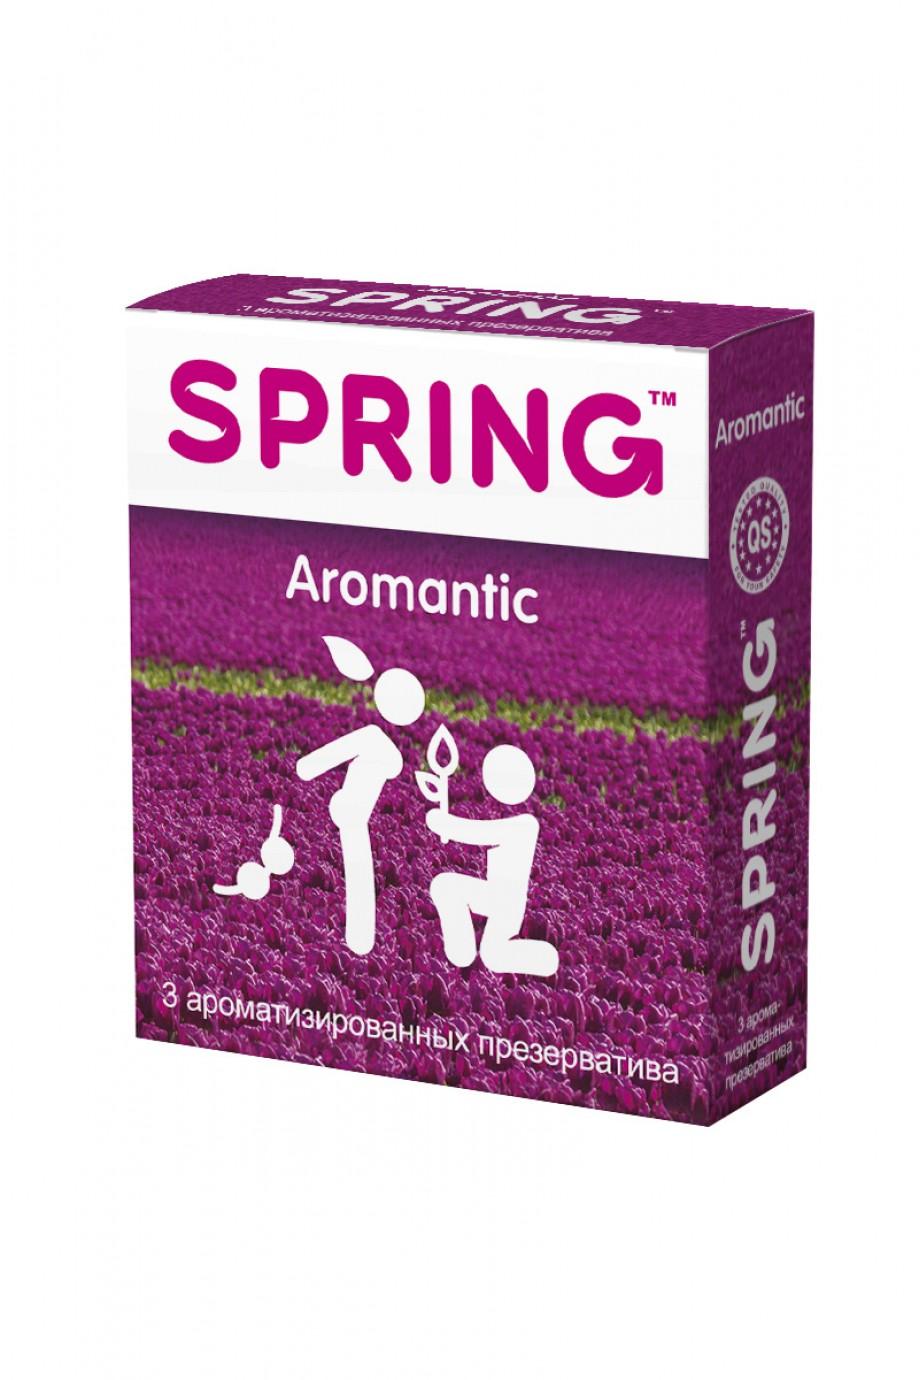 Презервативы Spring Aromantic, ароматизированные, 3 шт